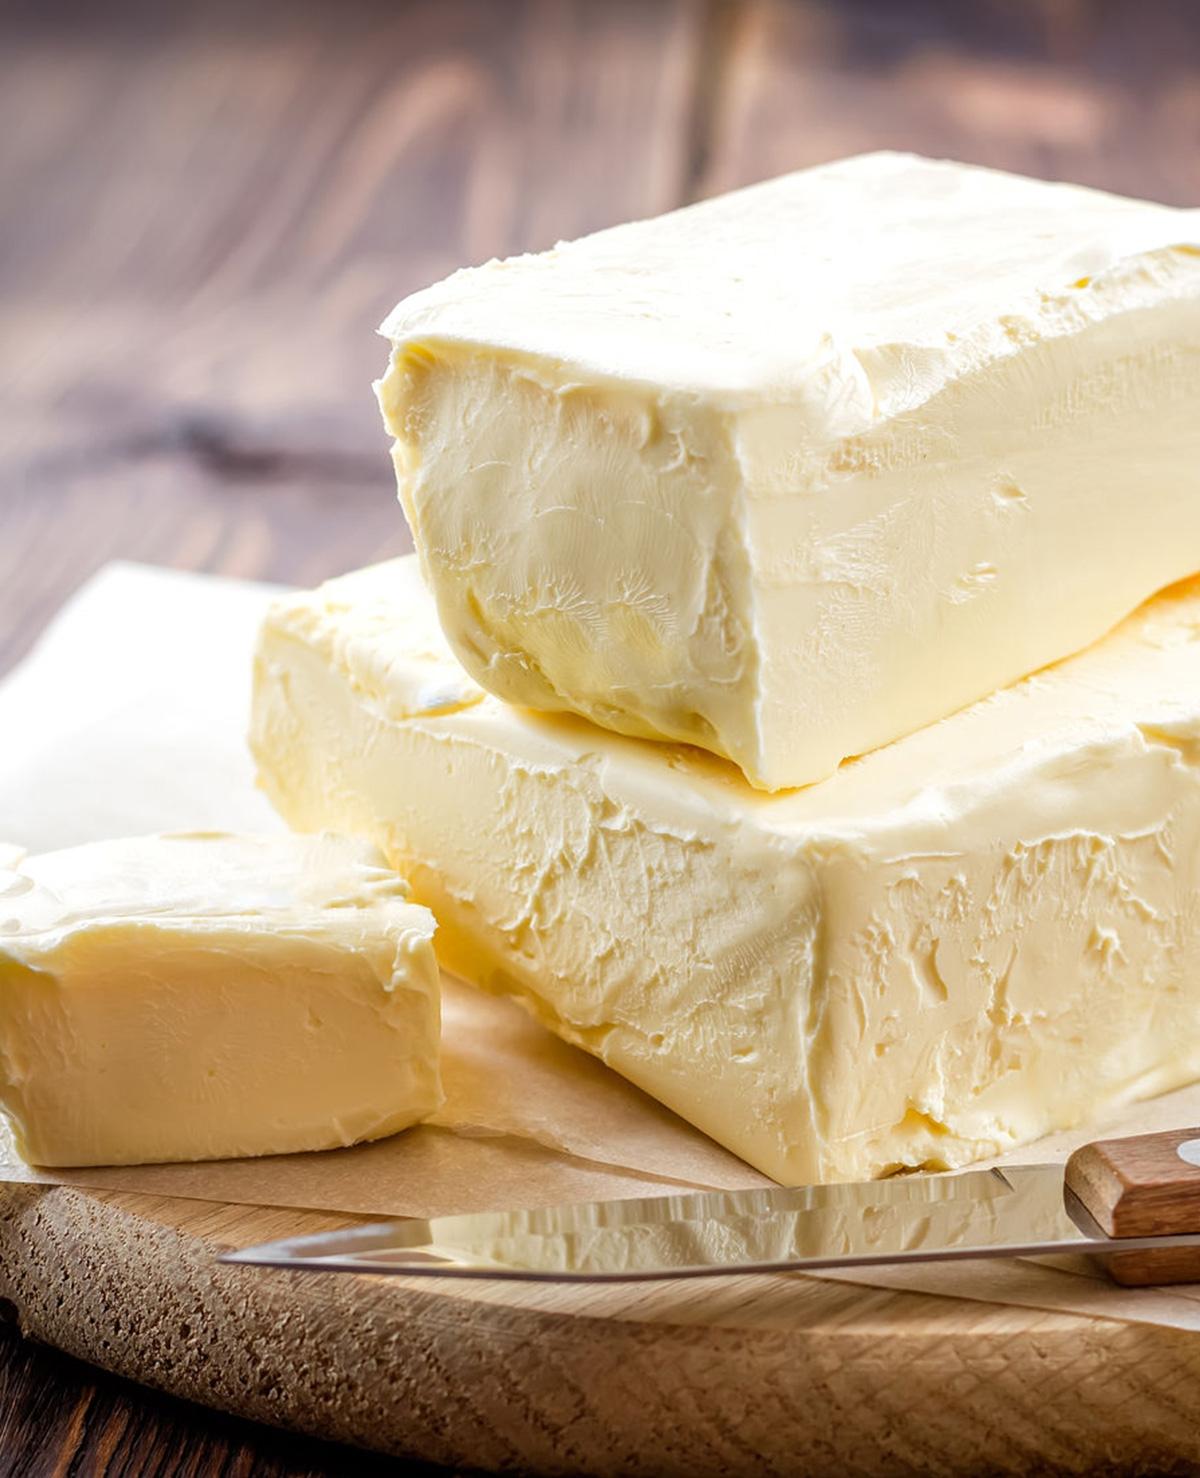 Zo wordt harde boter weer smeerbaar (trucje!)